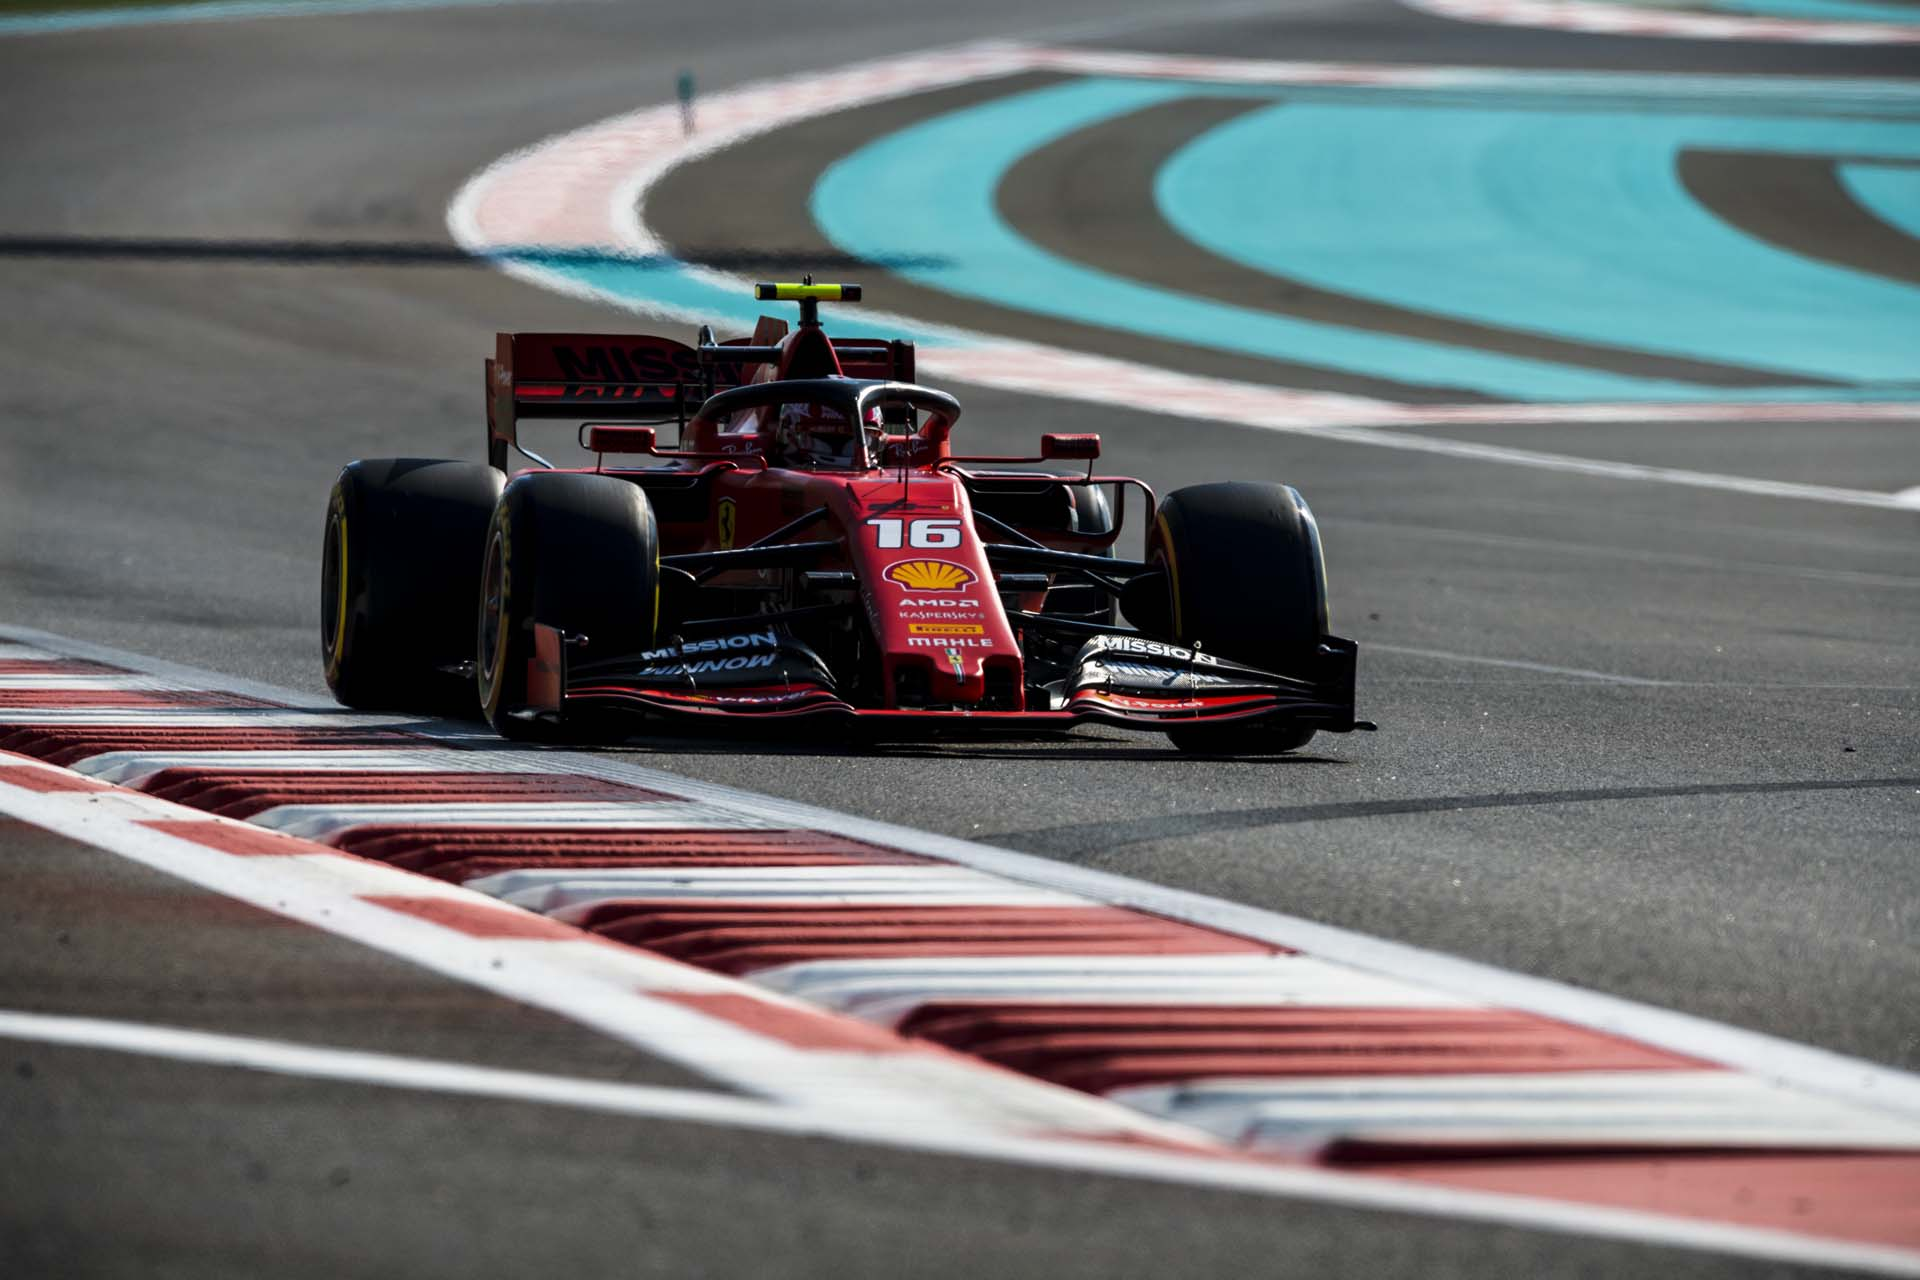 AbuDhabiGP2019_FRI_Ferrari_190012-abu